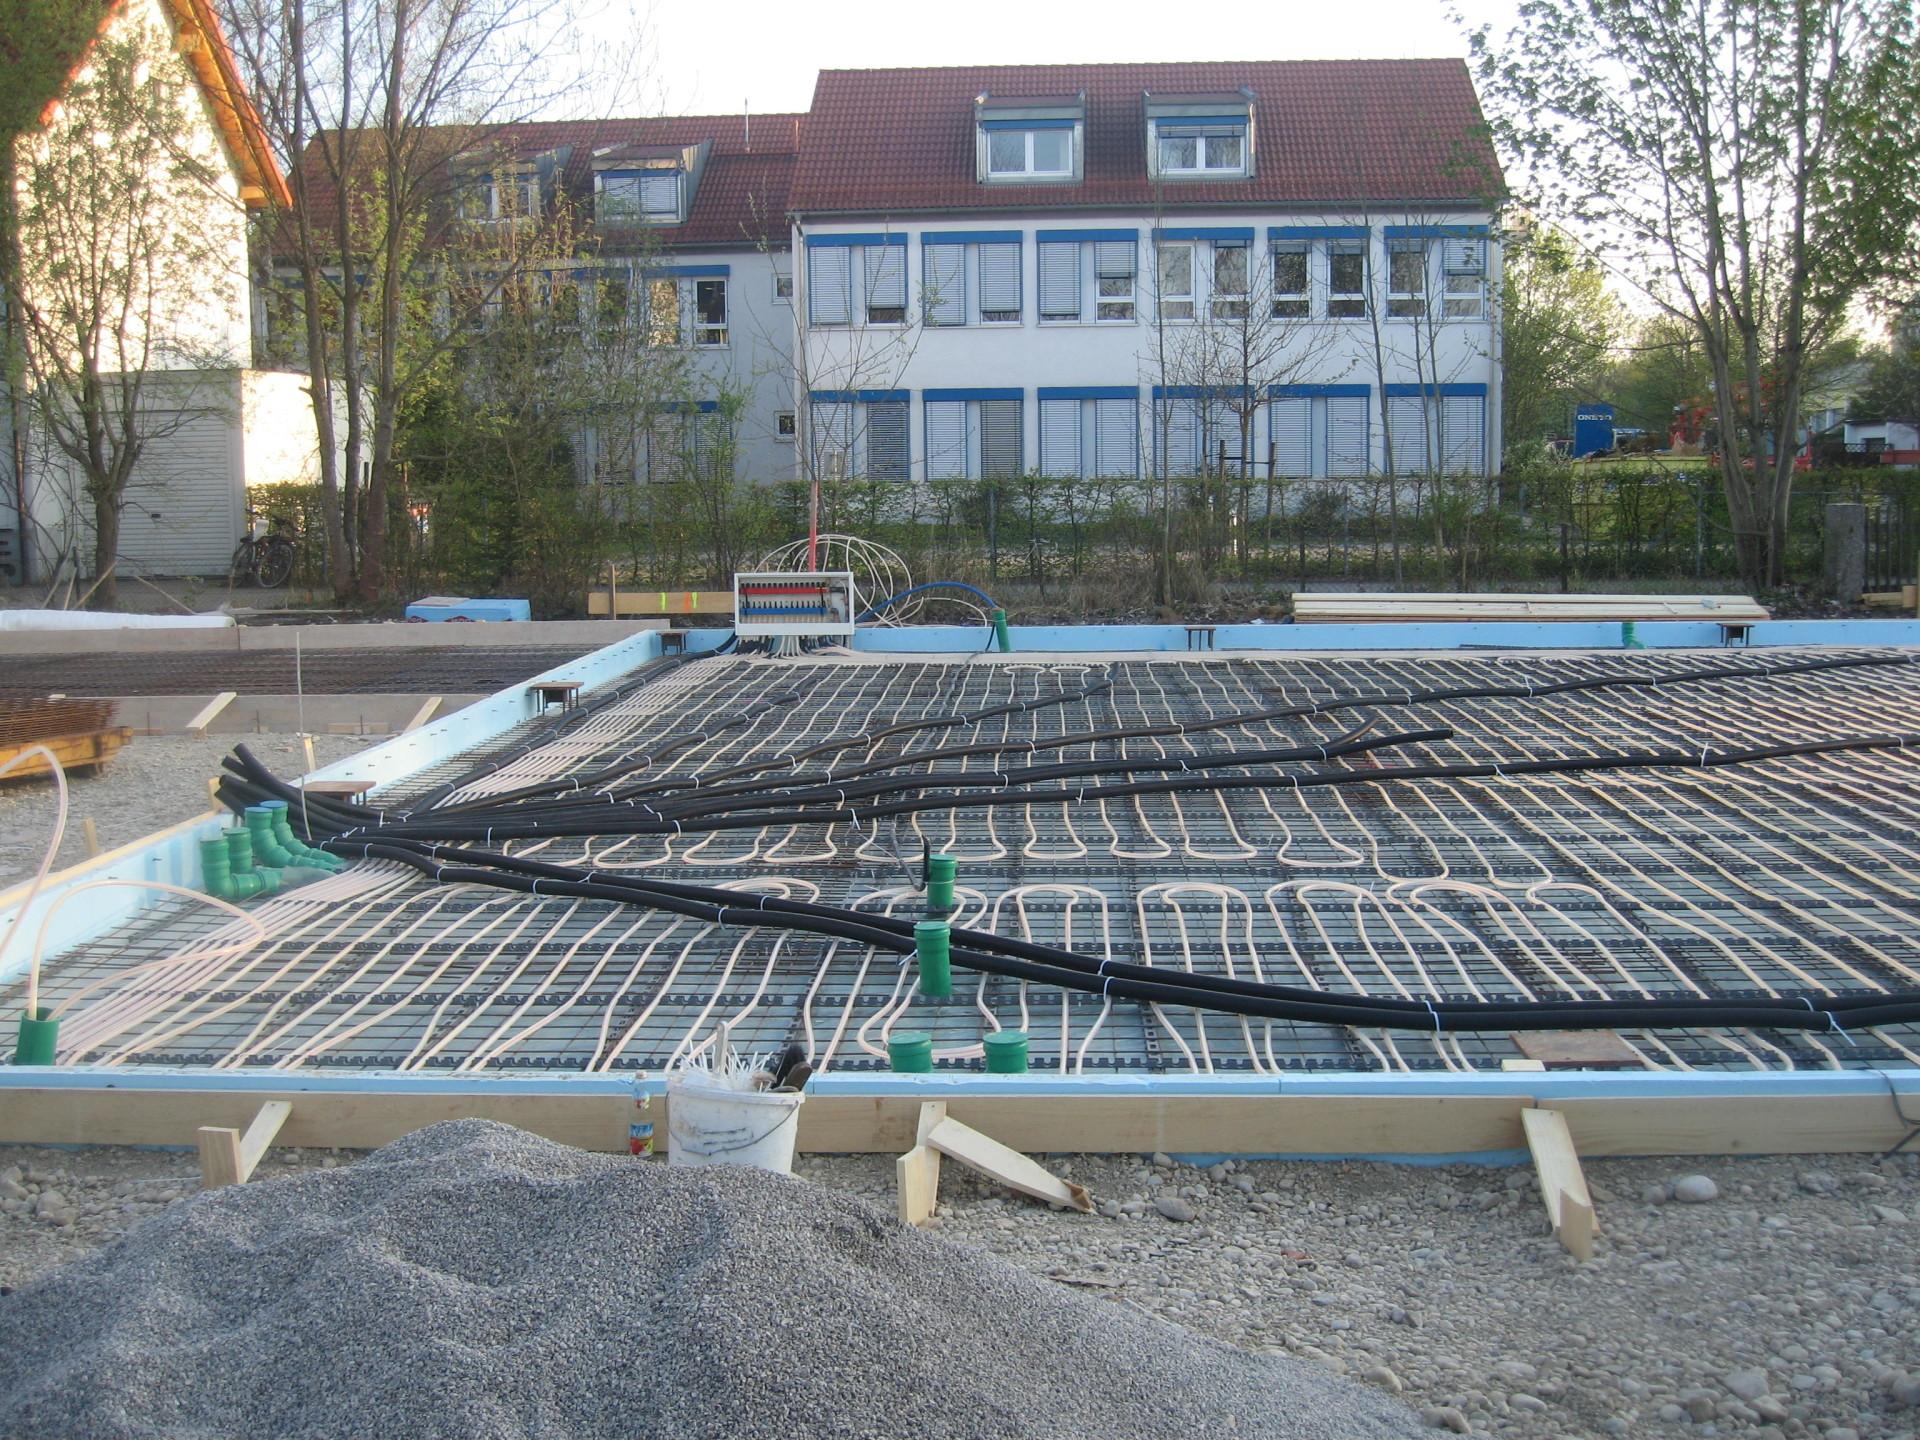 Fußboden Werkstatt ~ Schlosserei werkstatt gröbenzell christian strobl heizungsbau gmbh